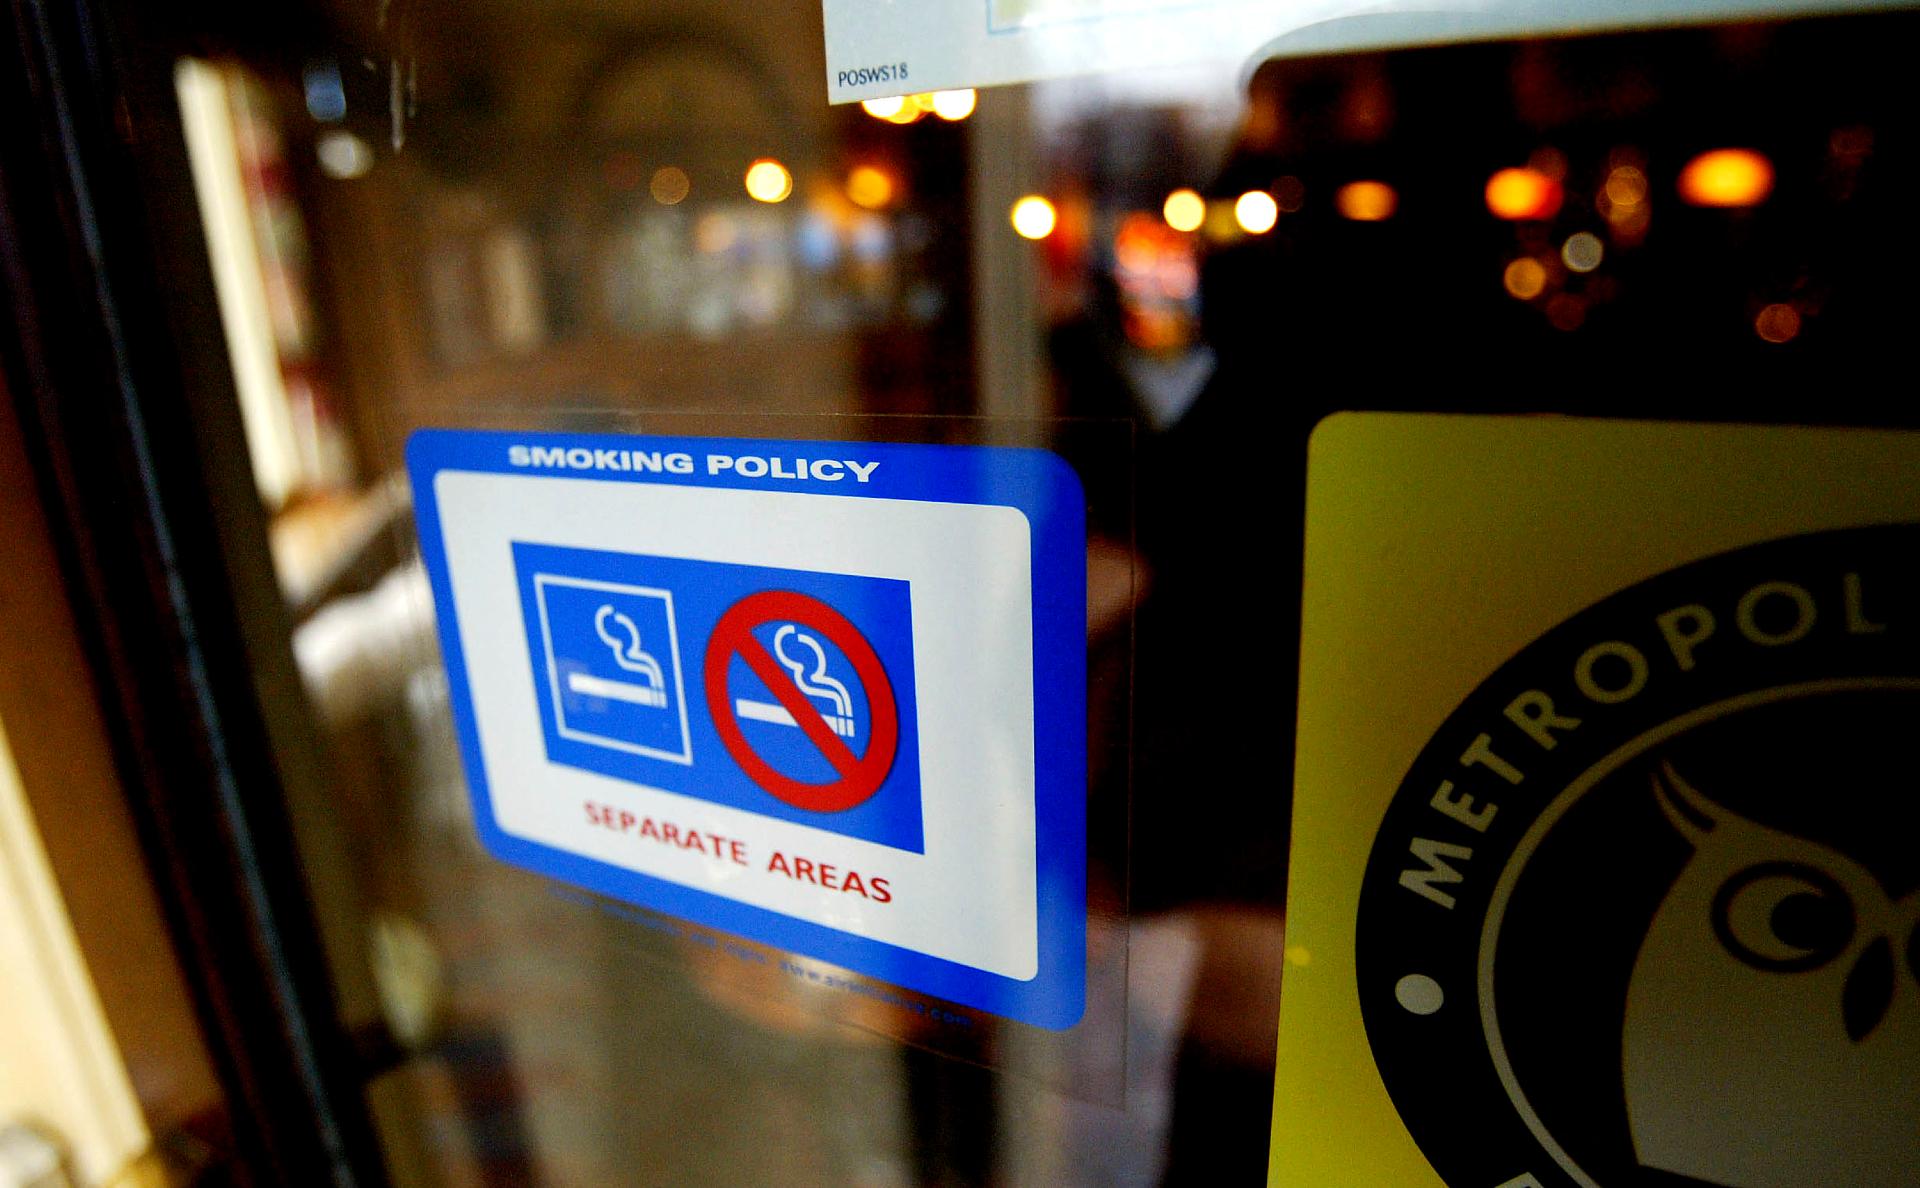 Минздрав оценил призыв запретить продажи сигарет фразой «но это не точно»